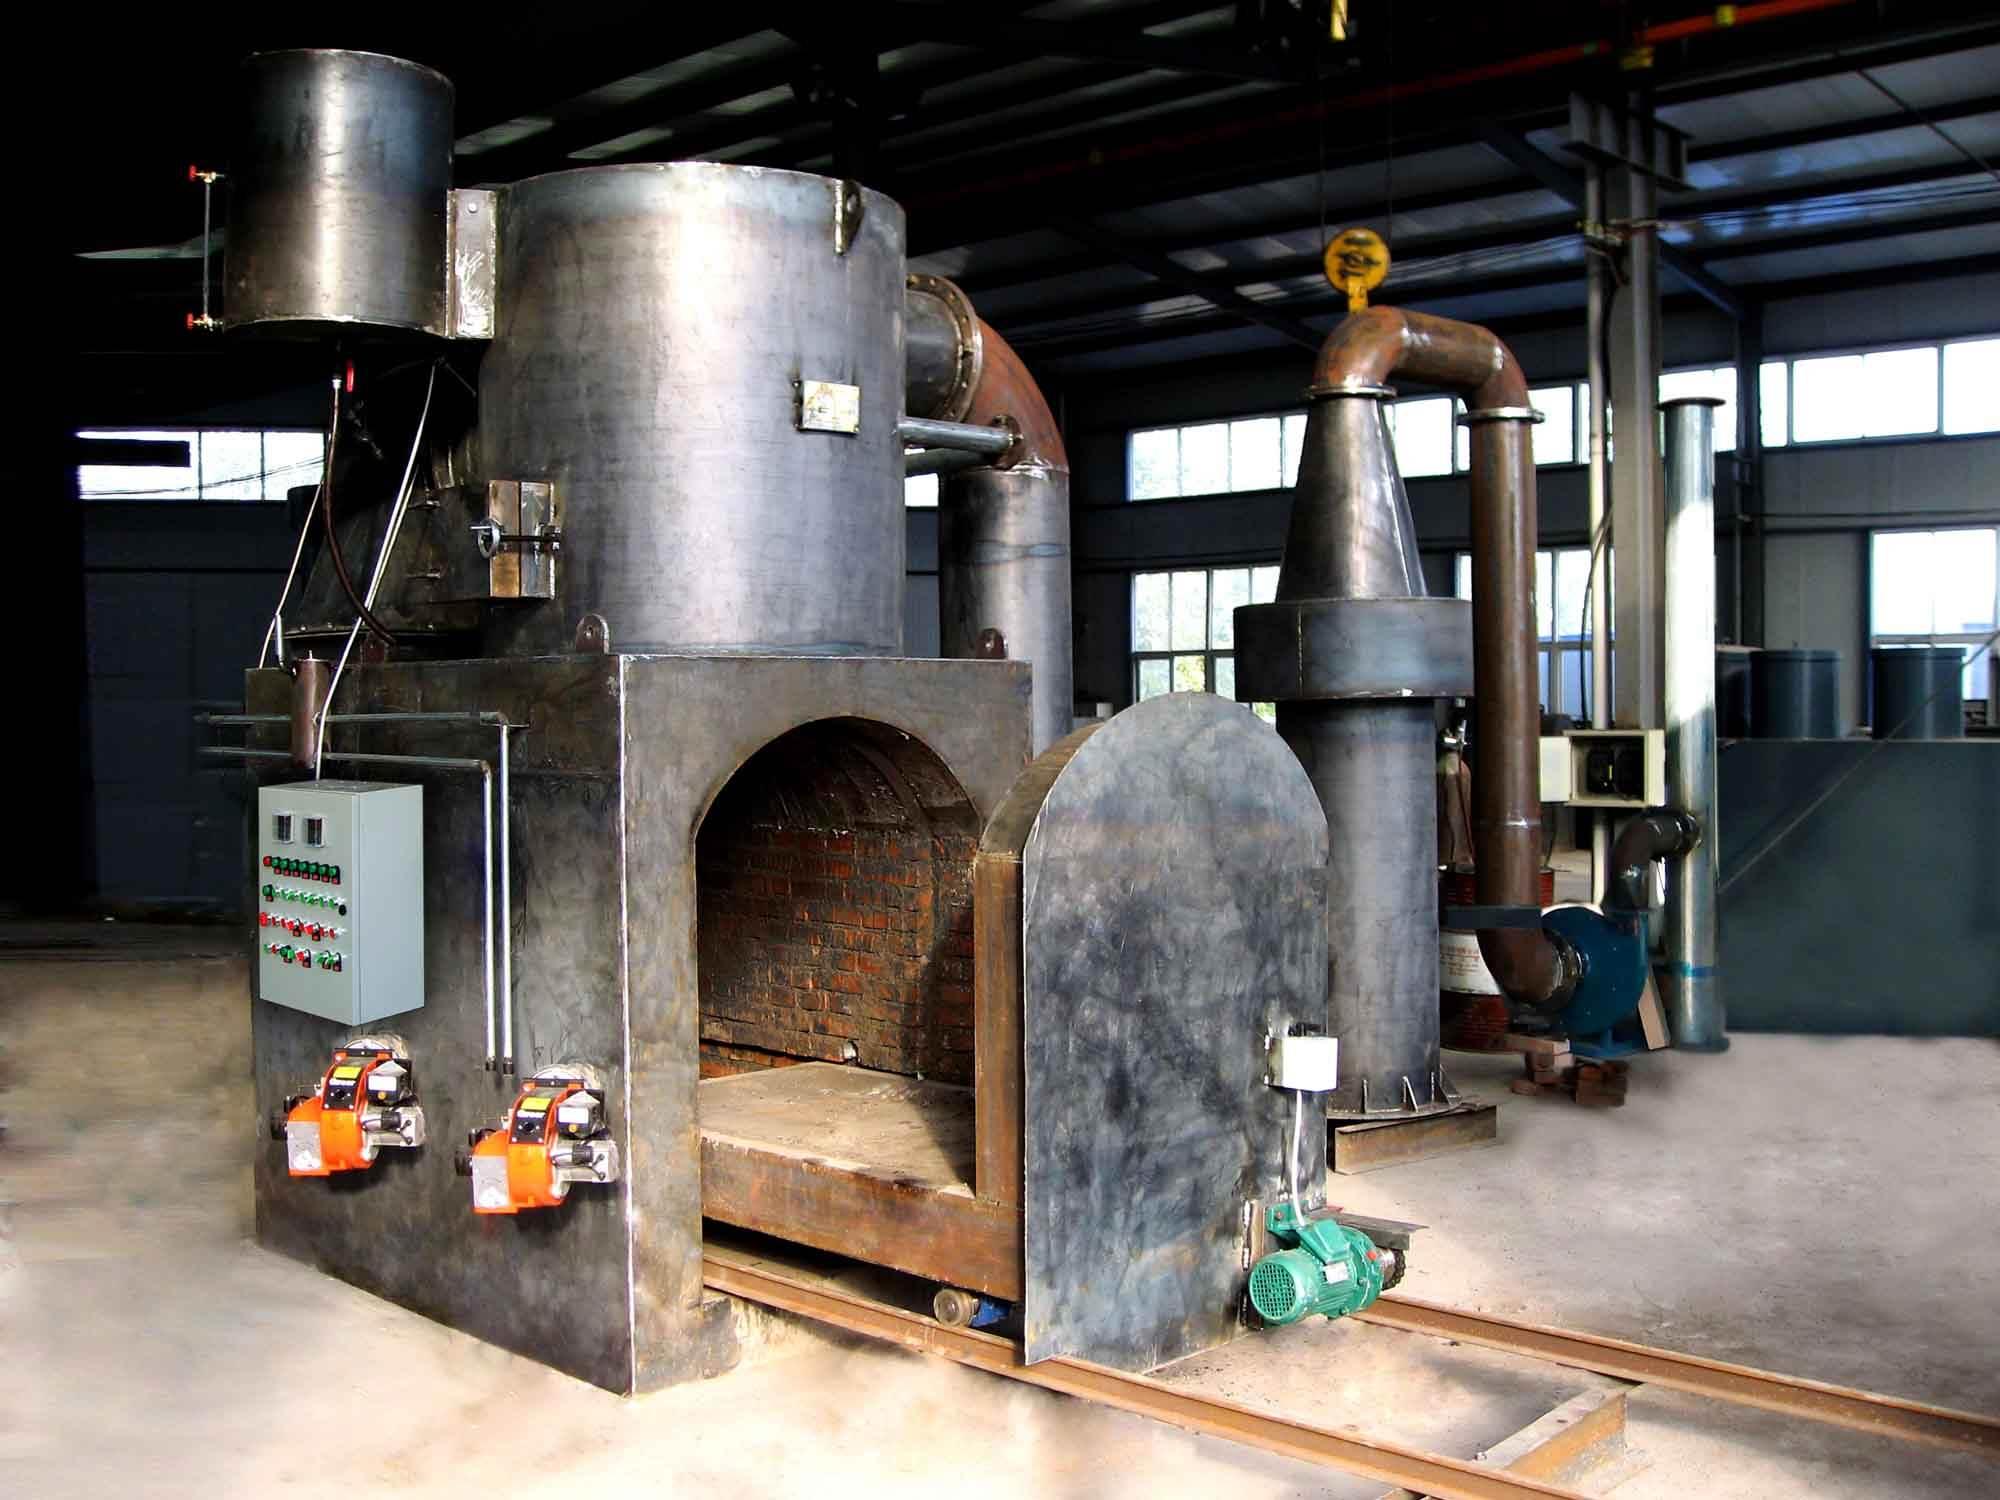 小型垃圾焚烧炉炉膛漏风对炉膛传热和系统热量分配的影响